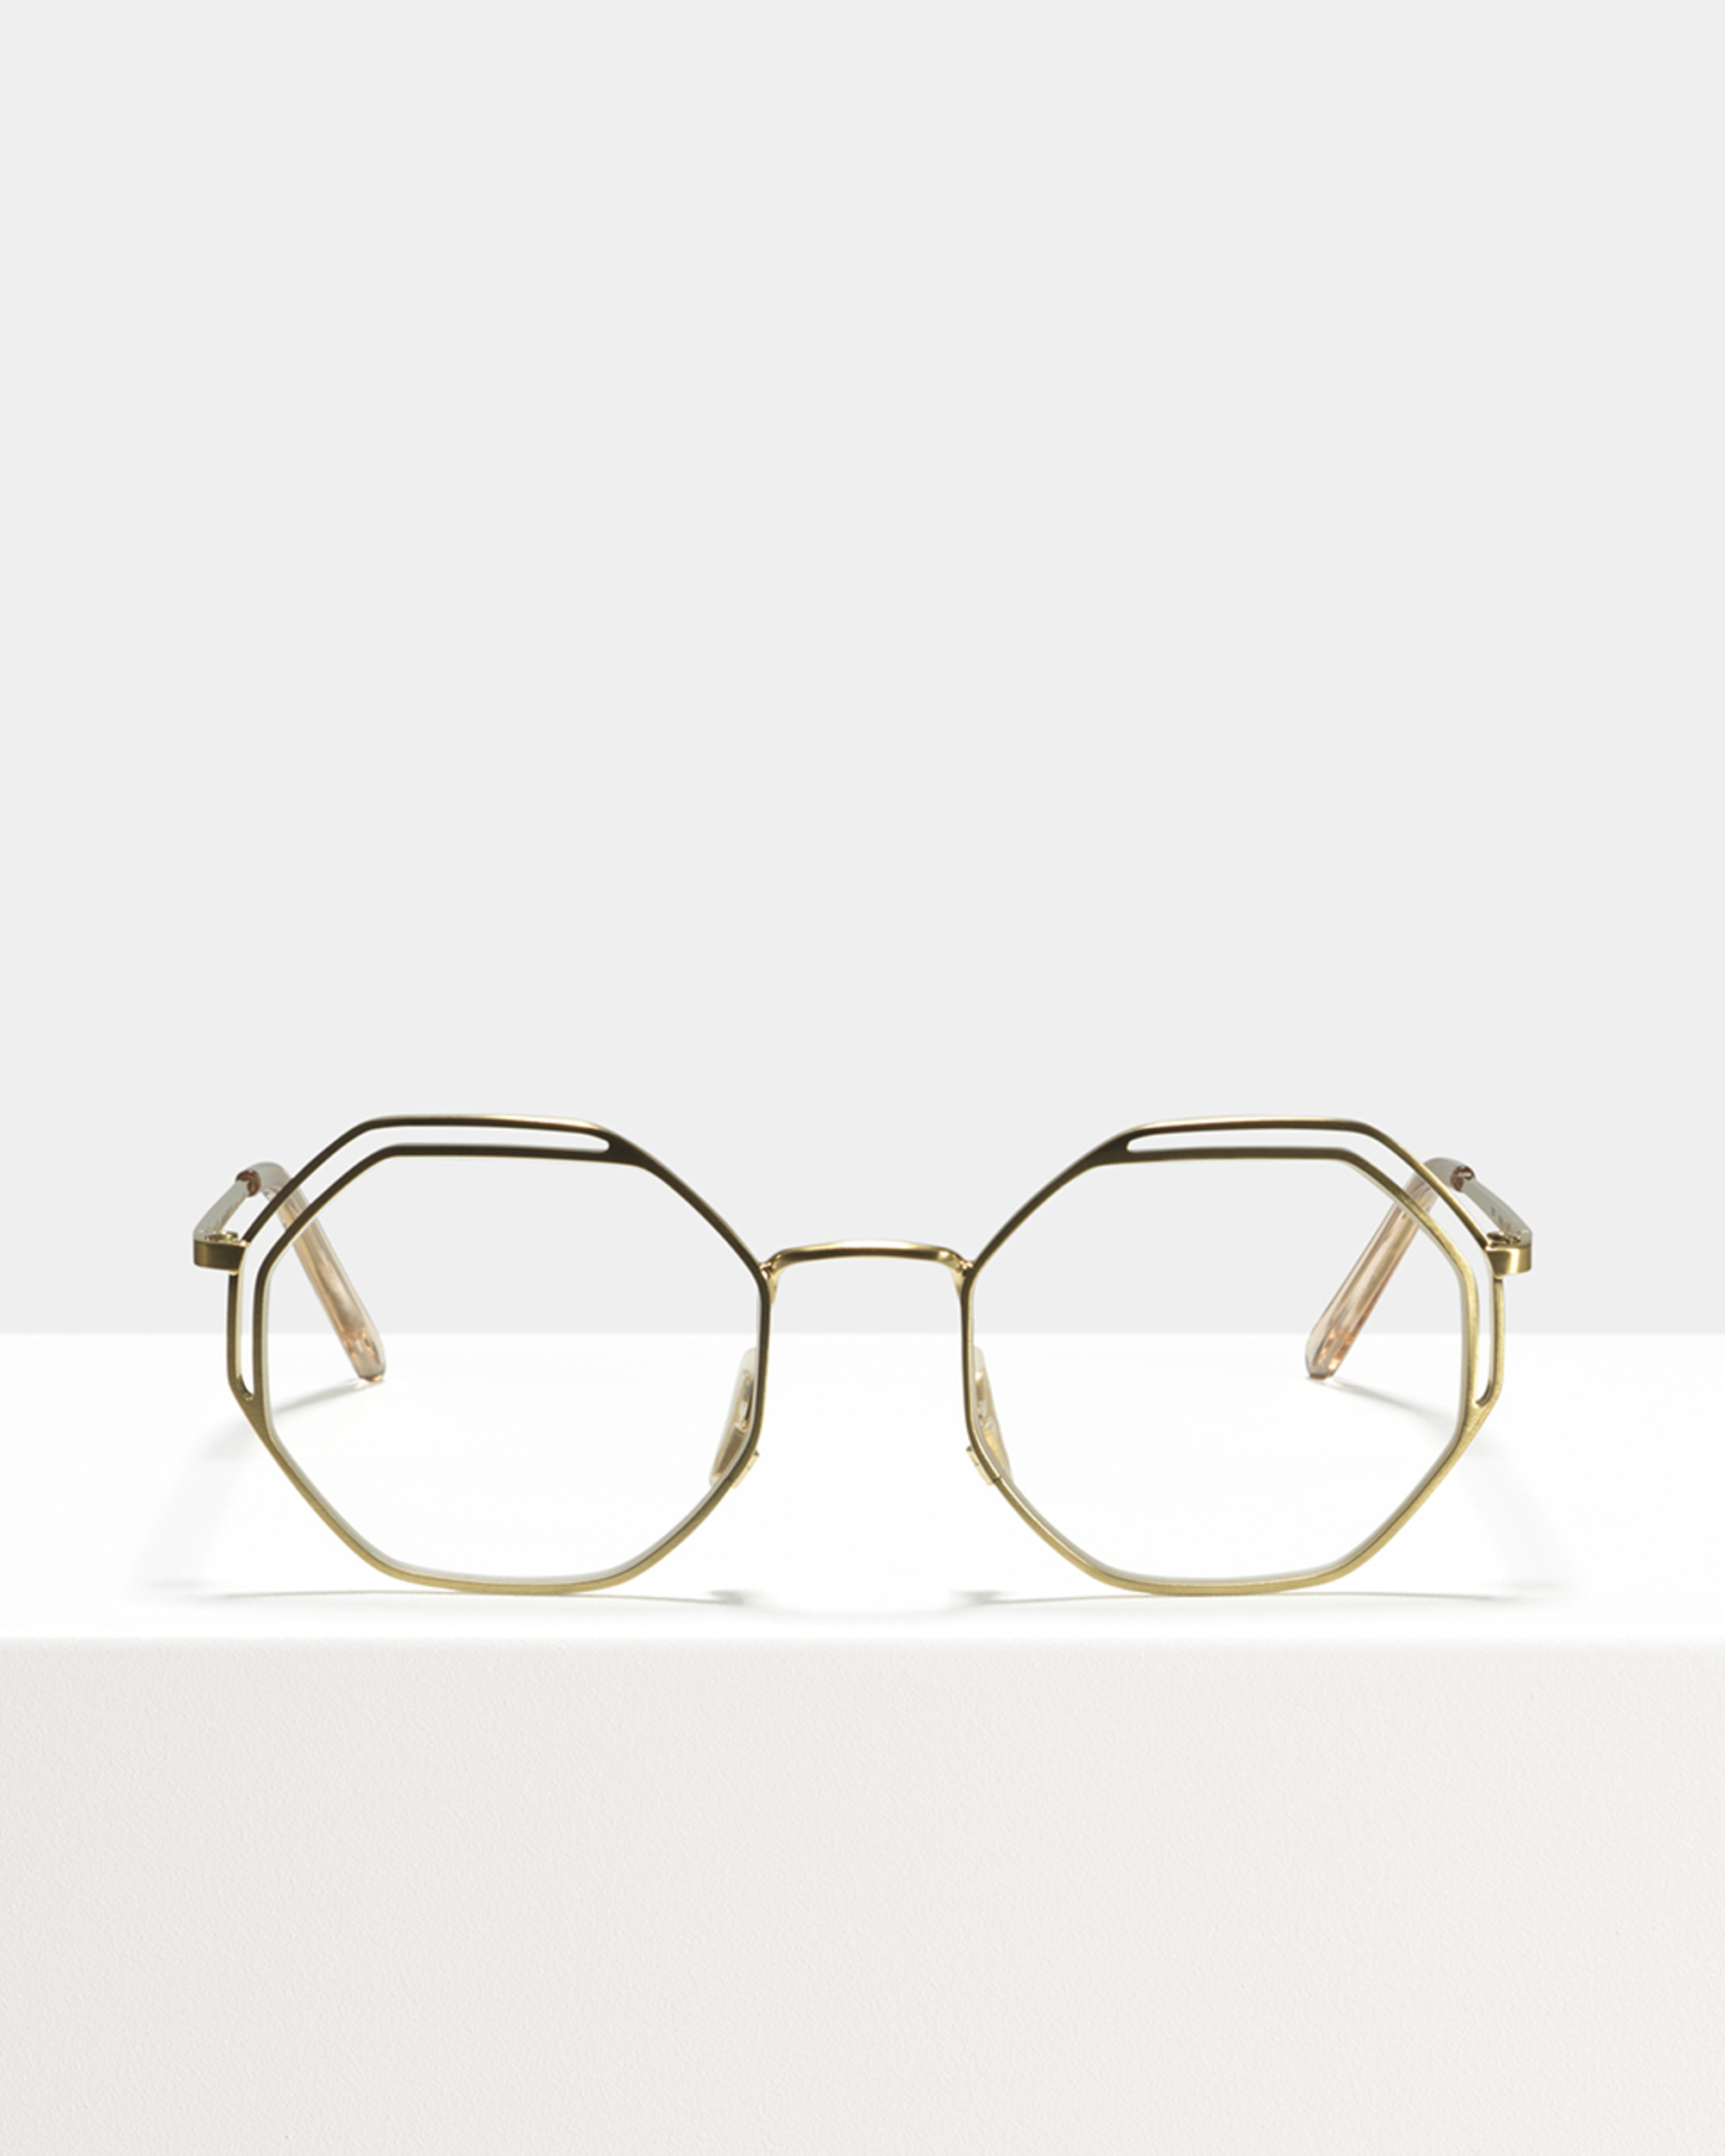 Ace & Tate Glasses |  metaal in Goud